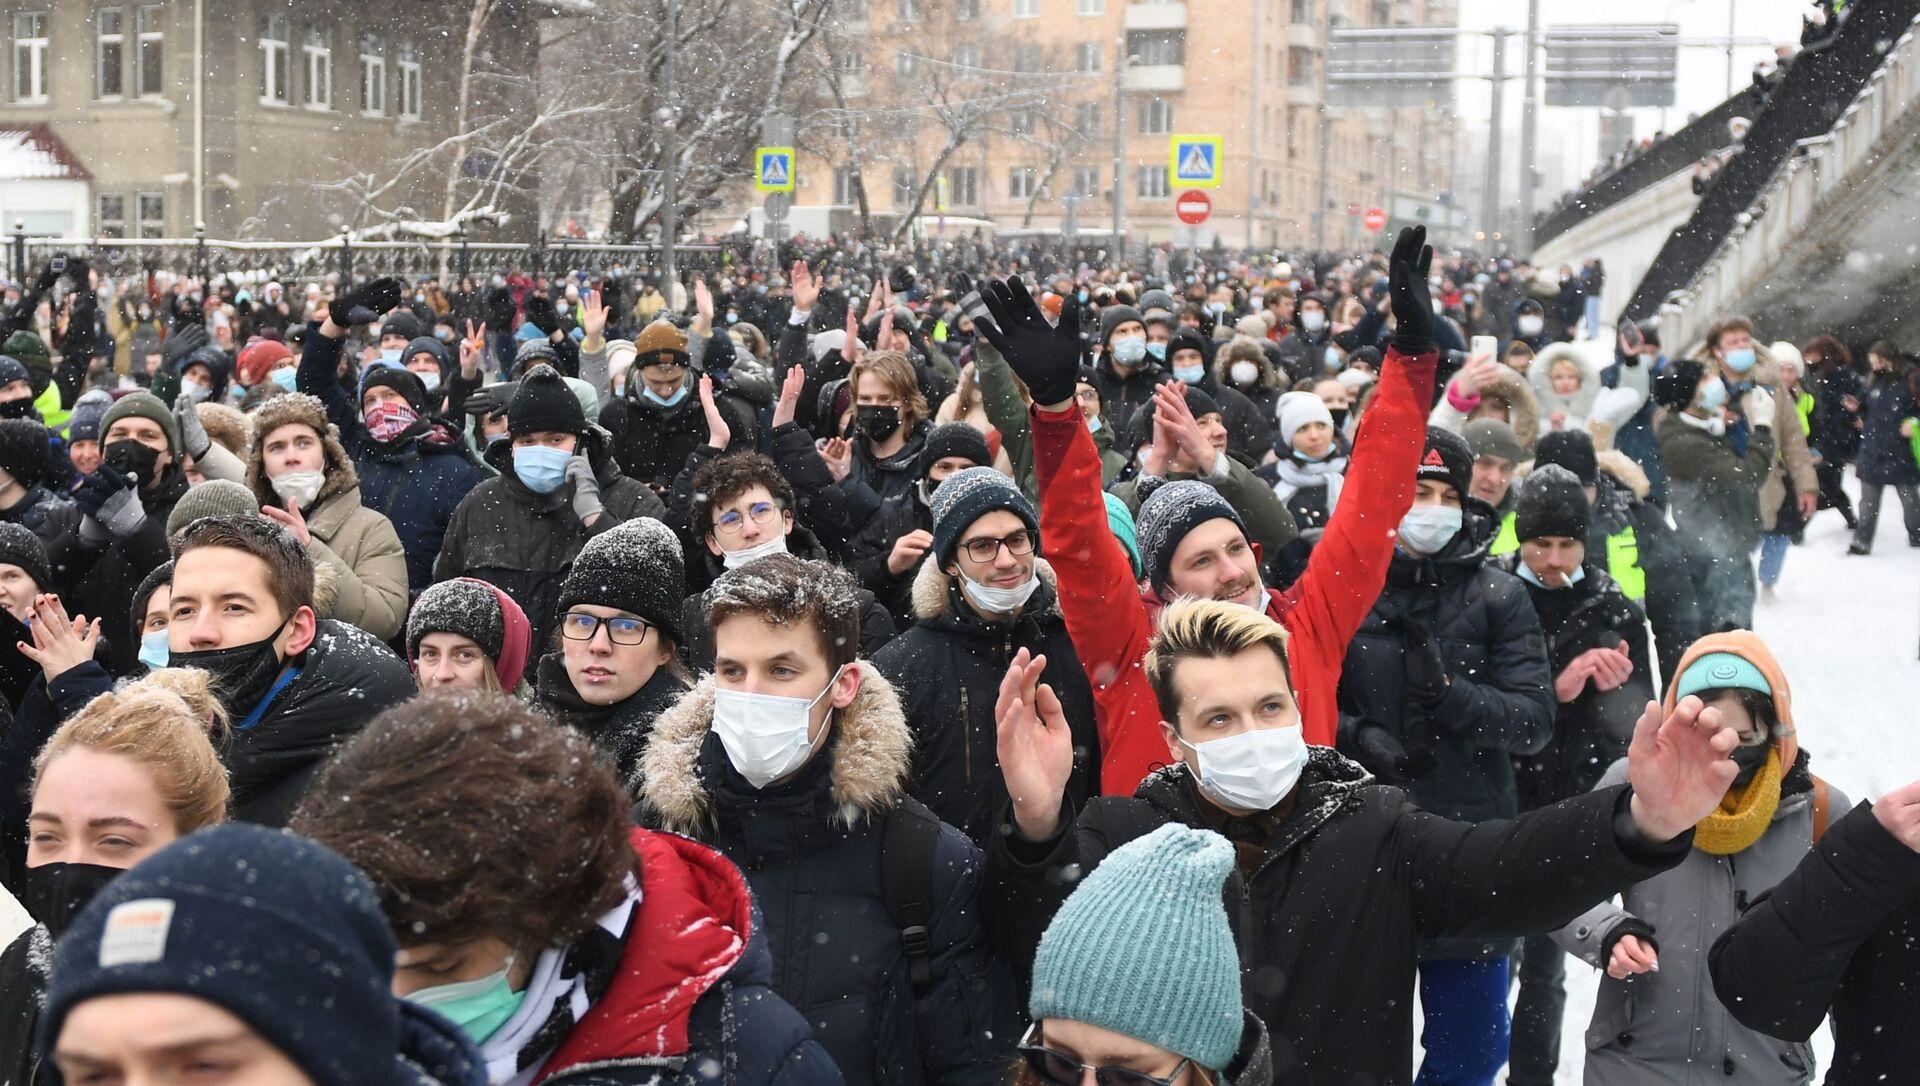 Участники несанкционированной акции сторонников Алексея Навального в Москве. - Sputnik Узбекистан, 1920, 01.02.2021